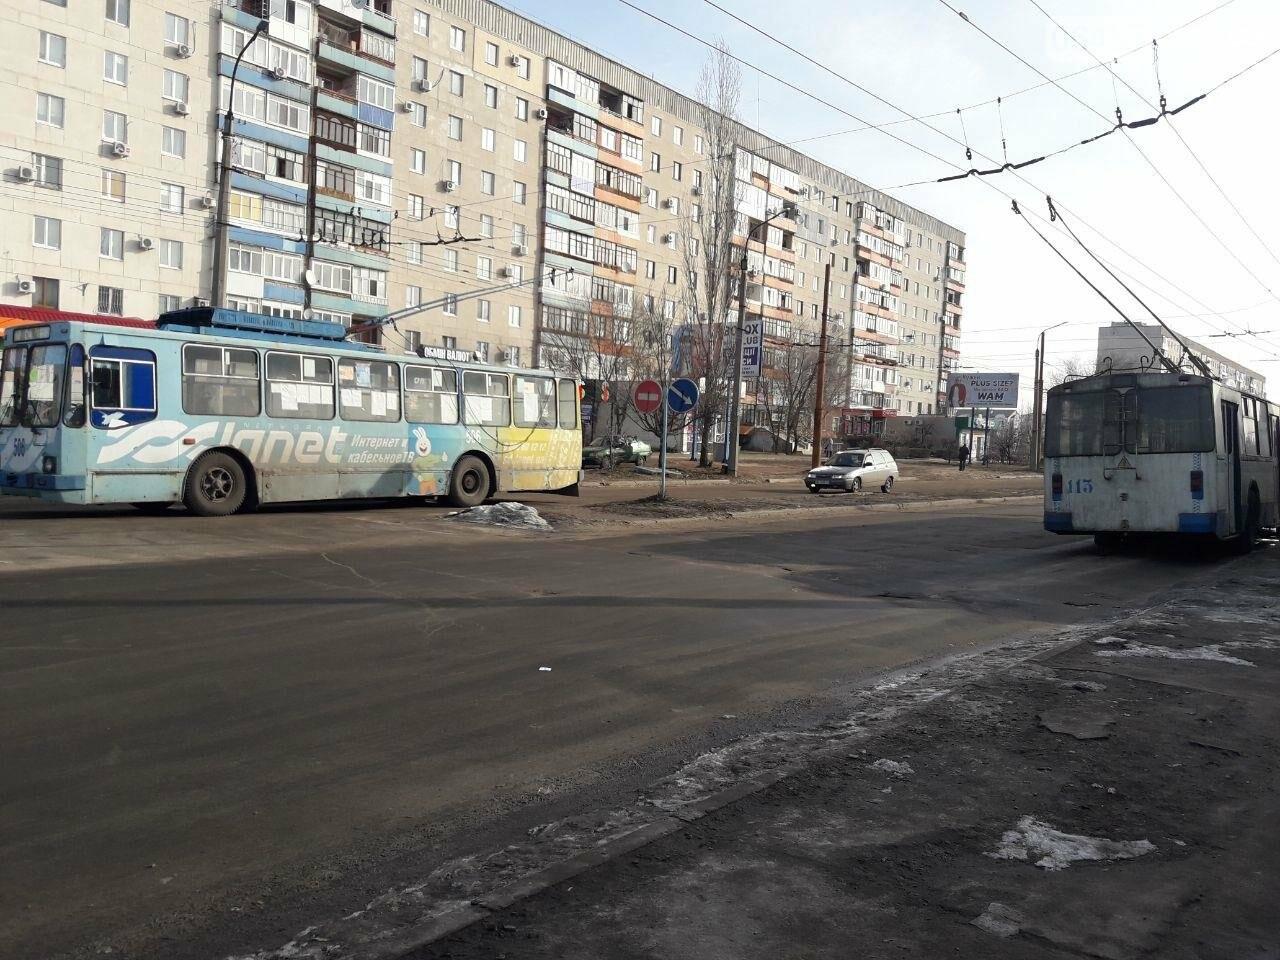 Потеря электрического напряжения: в Северодонецке стояли троллейбусы, фото-2